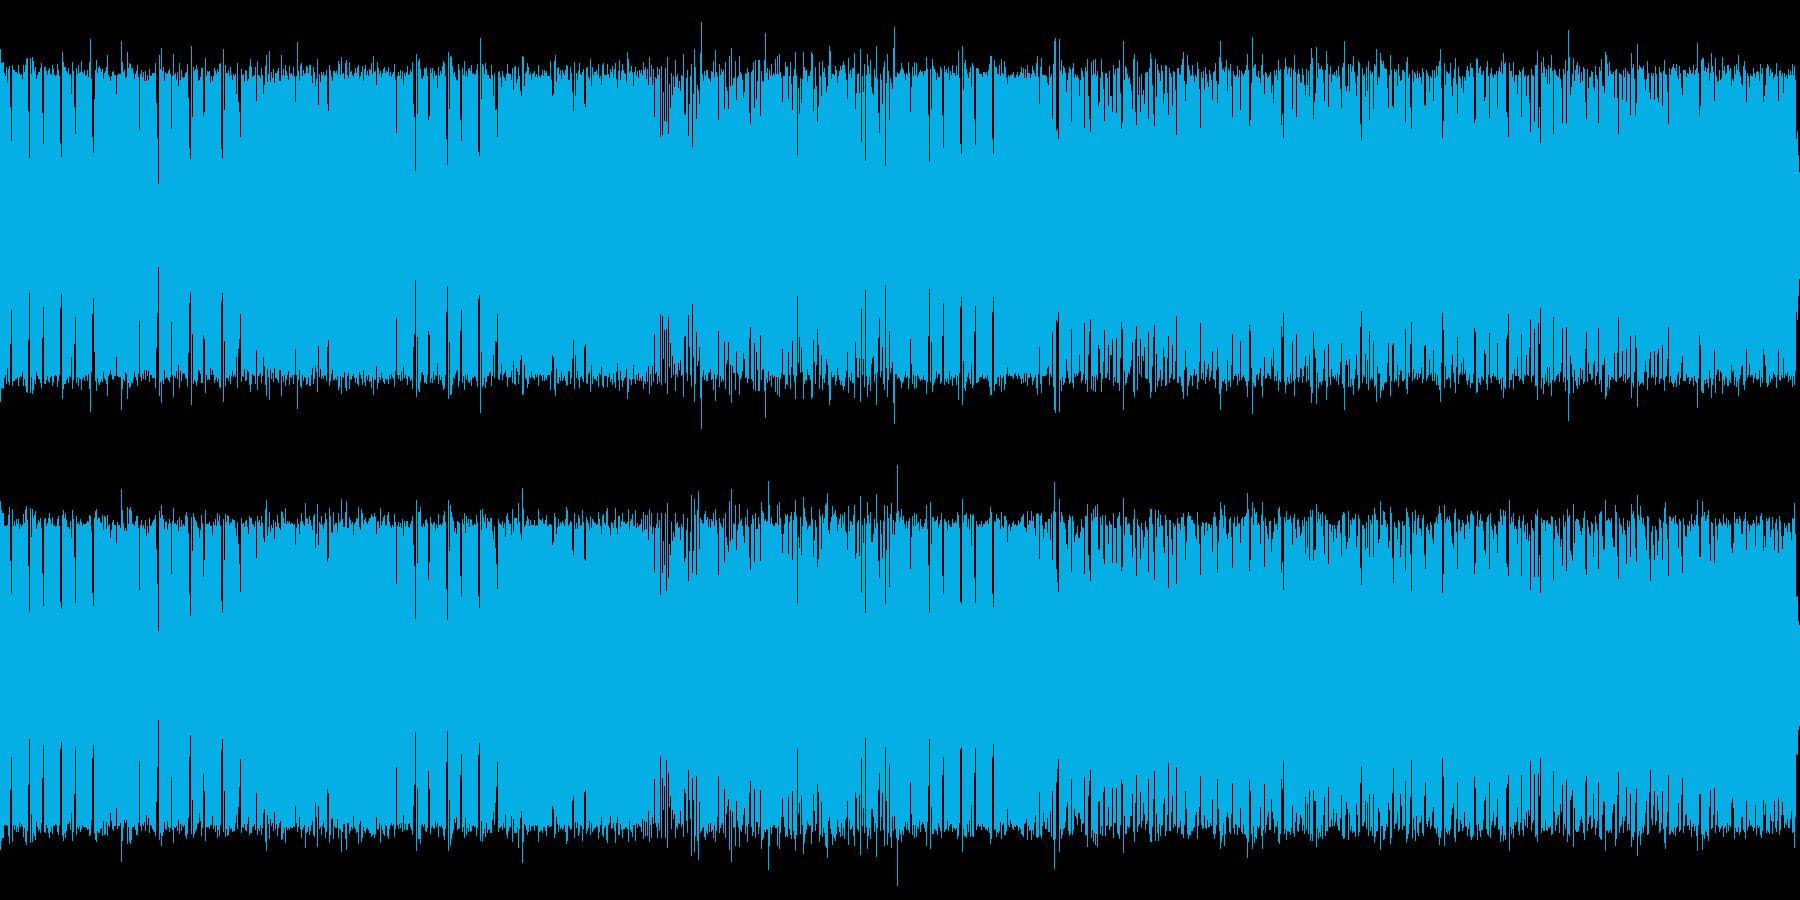 迫り来る感じのイメージの楽曲に仕上がっ…の再生済みの波形